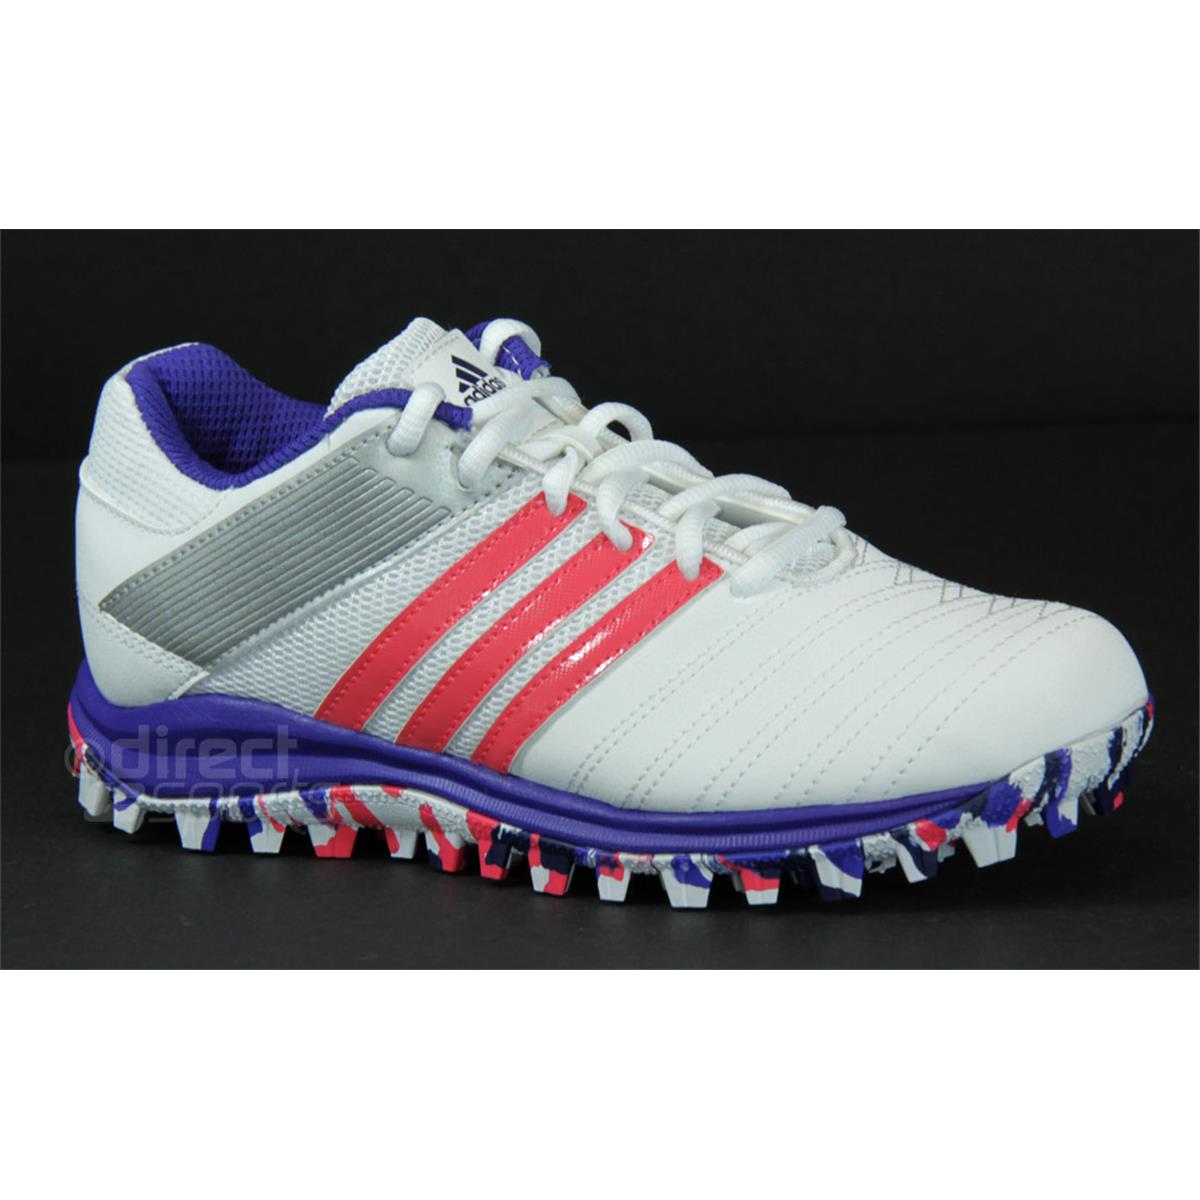 Adidas Adistar M Hockey Shoes Night Grey